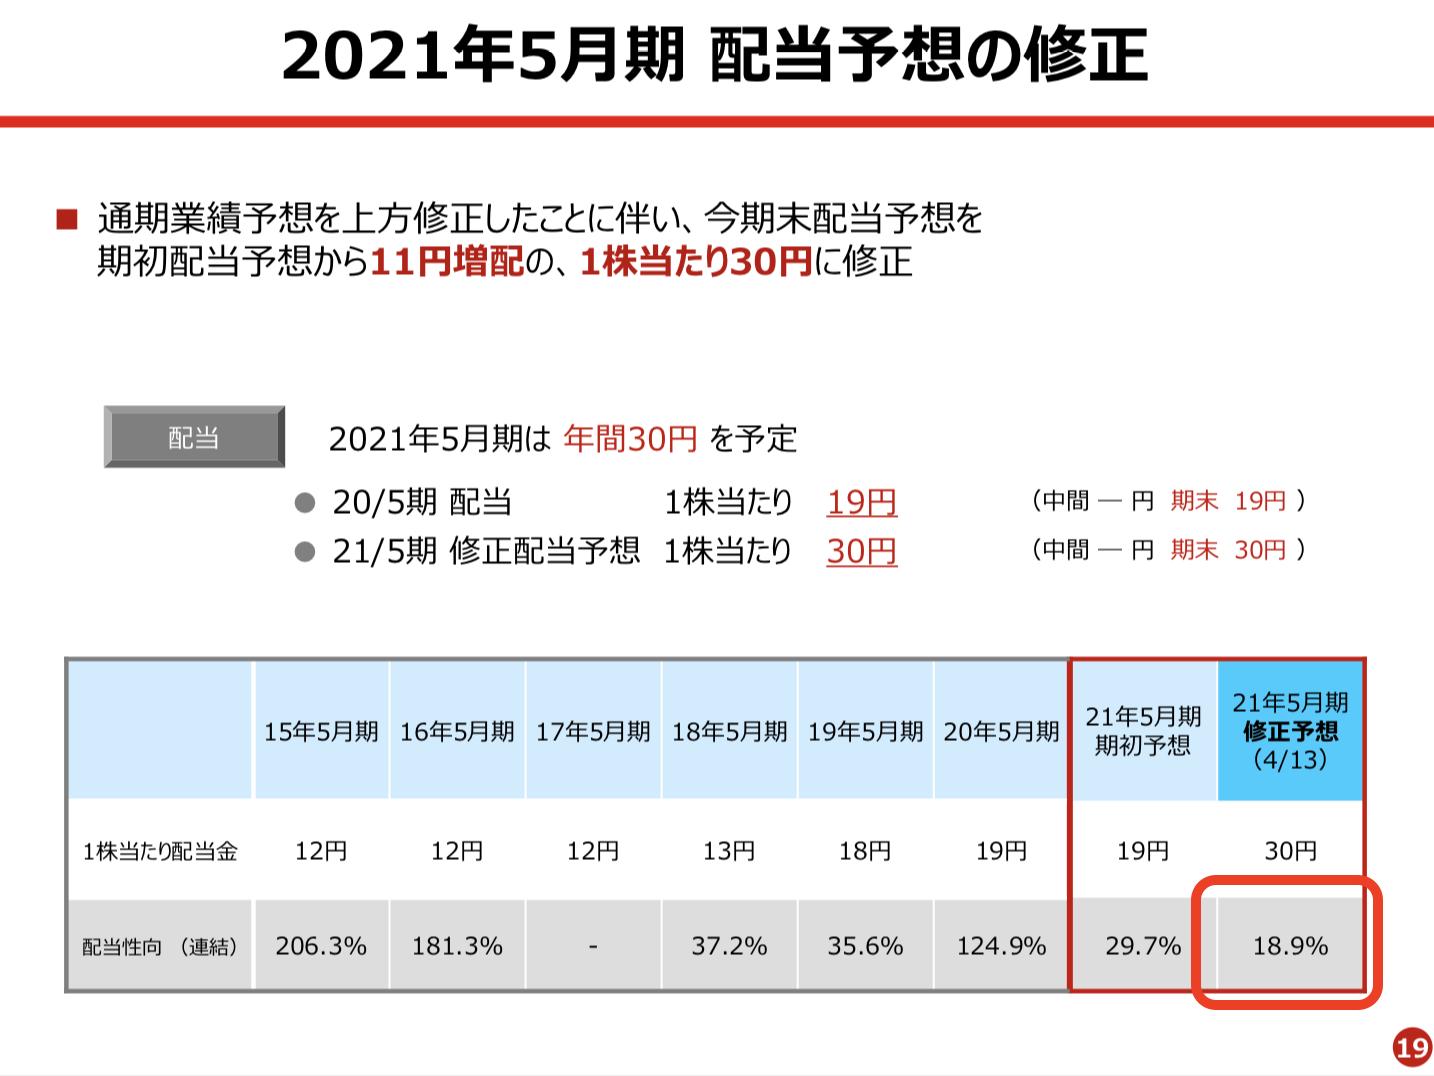 株式会社パソナグループ 2021年5月期 第3四半期 業績概況